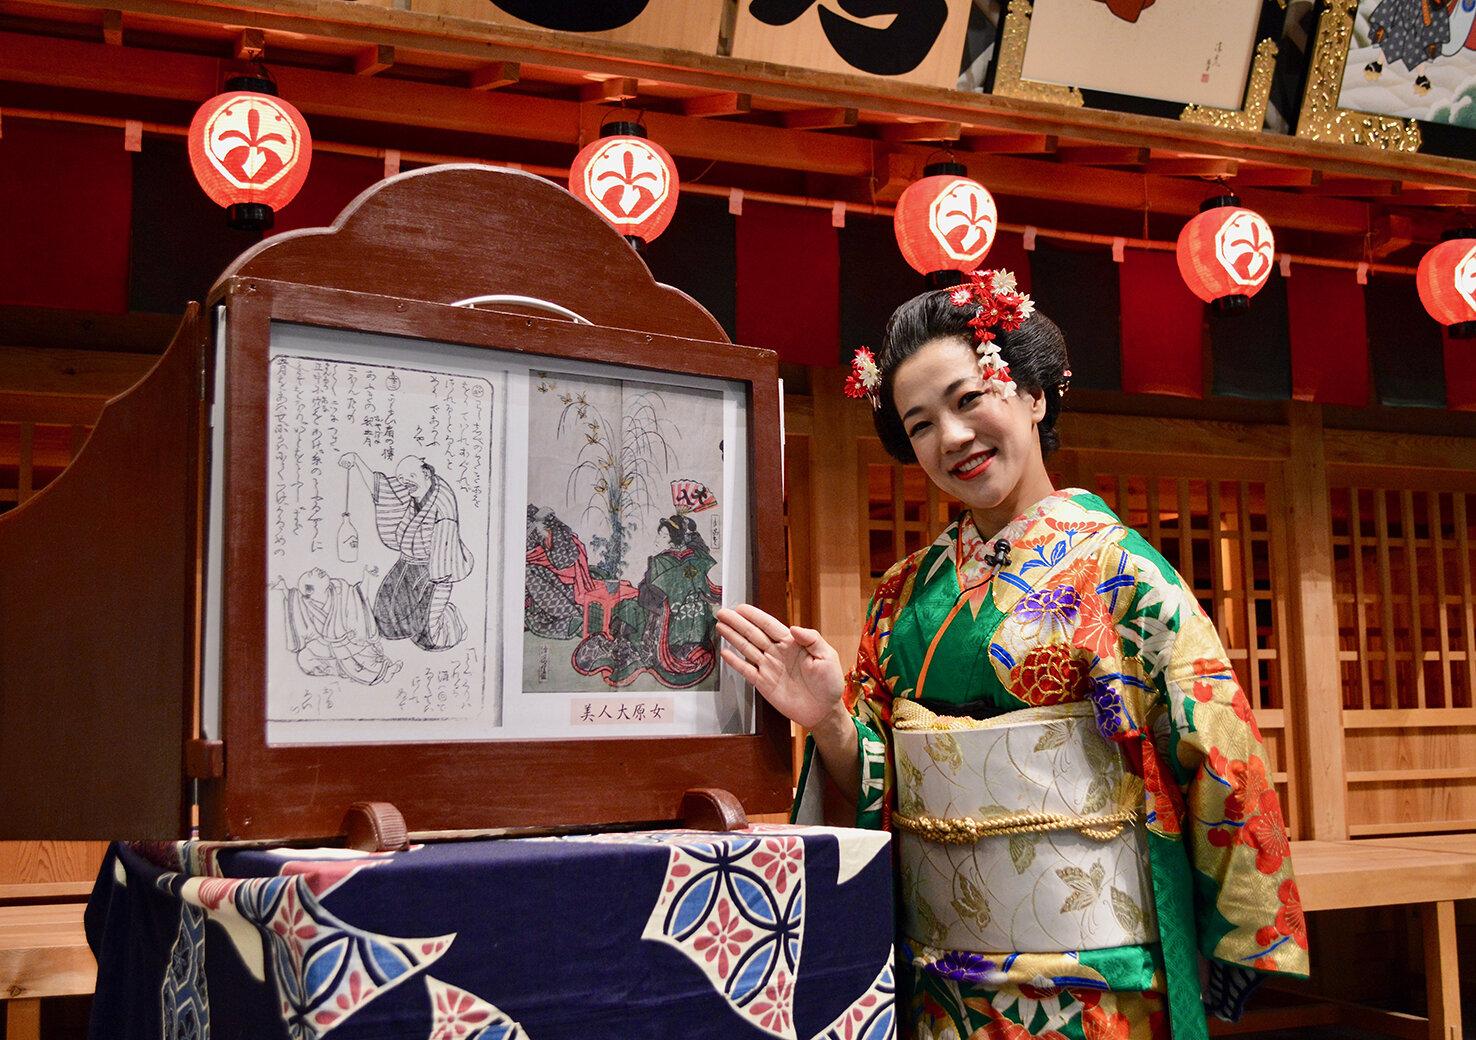 江戸東京博物館で演芸の楽しさを体験しよう